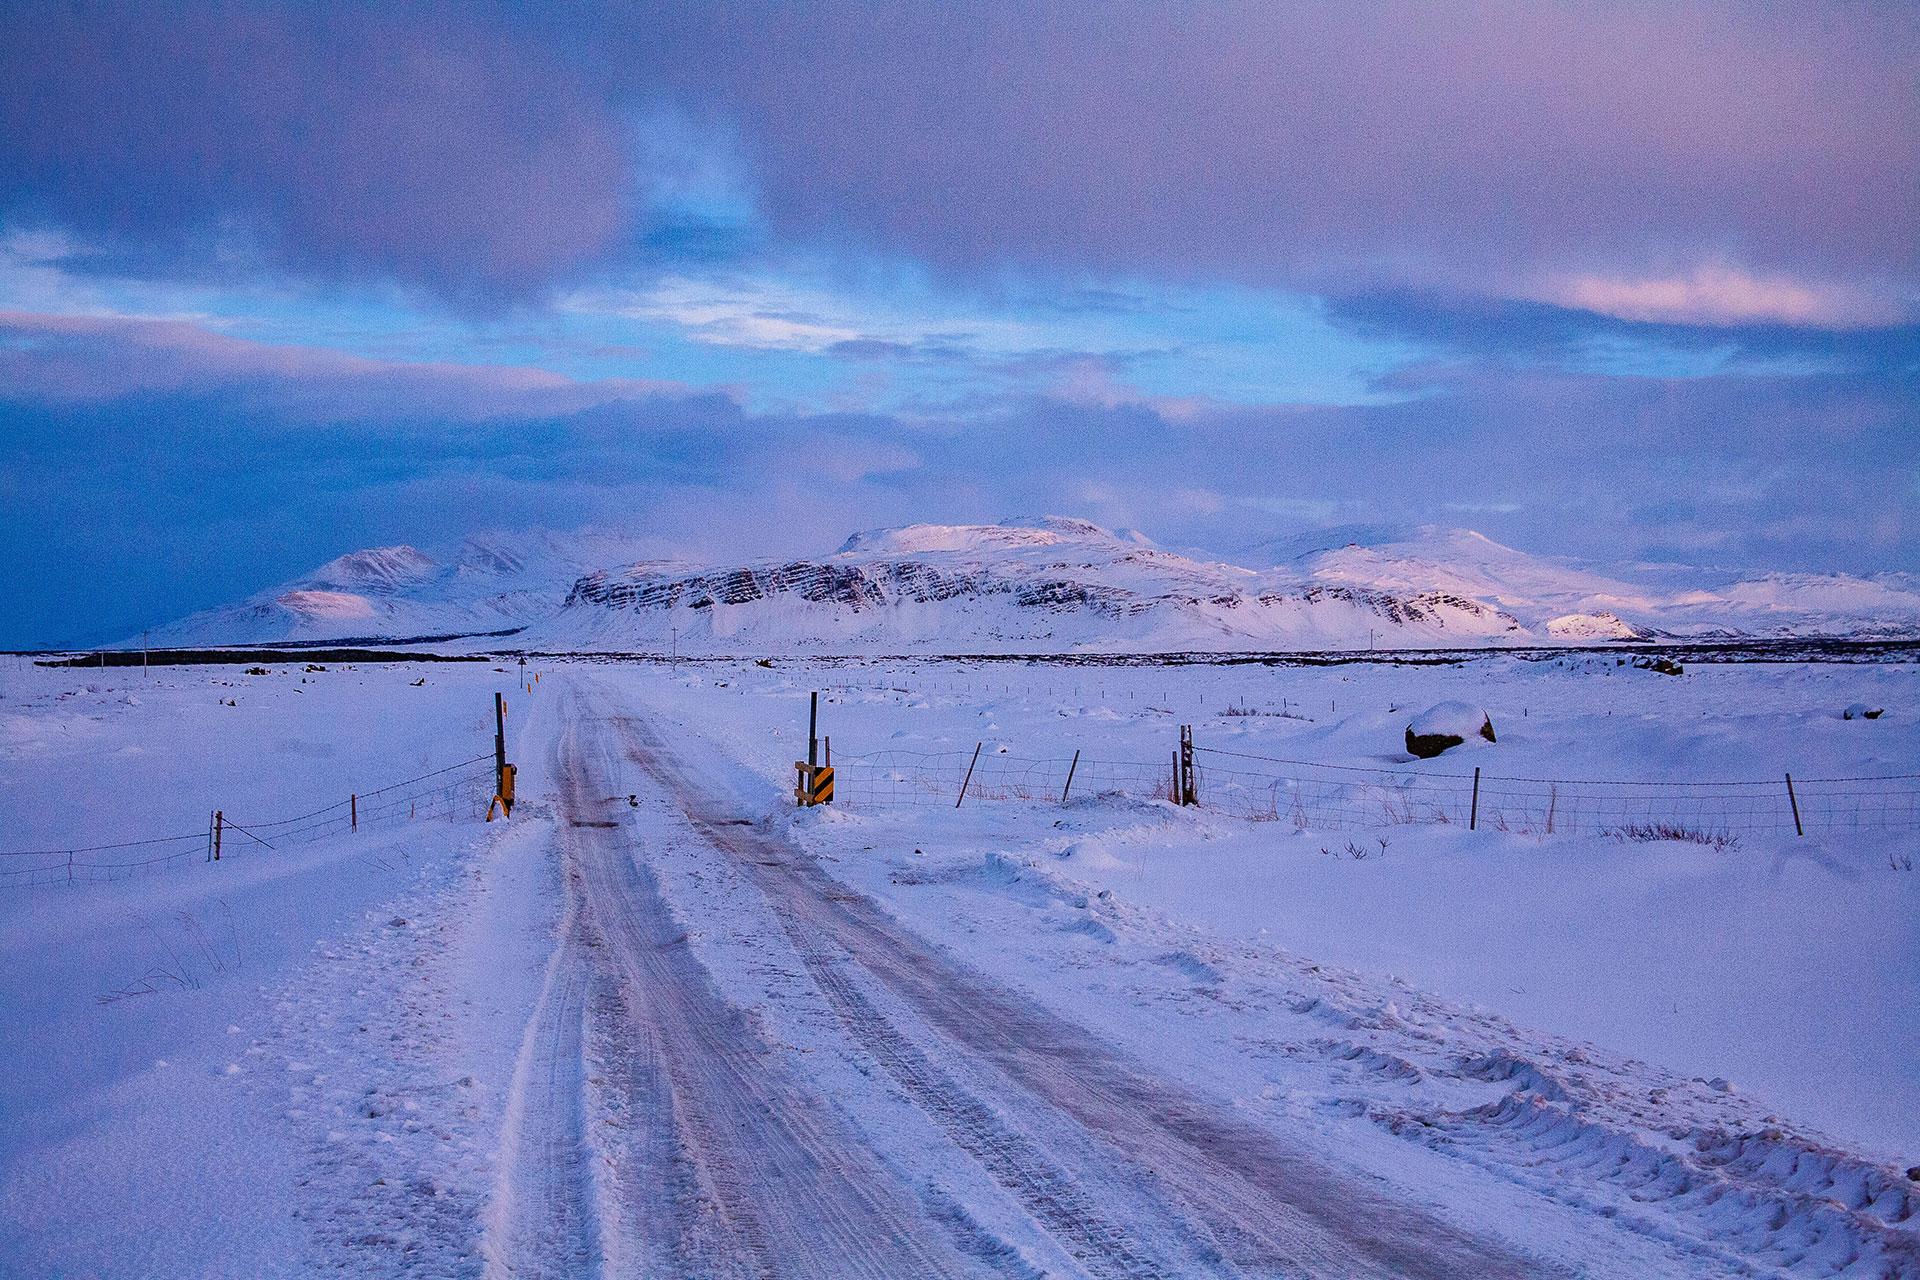 Islandia o wschodzie - fot. Piotr Kopaniszyn